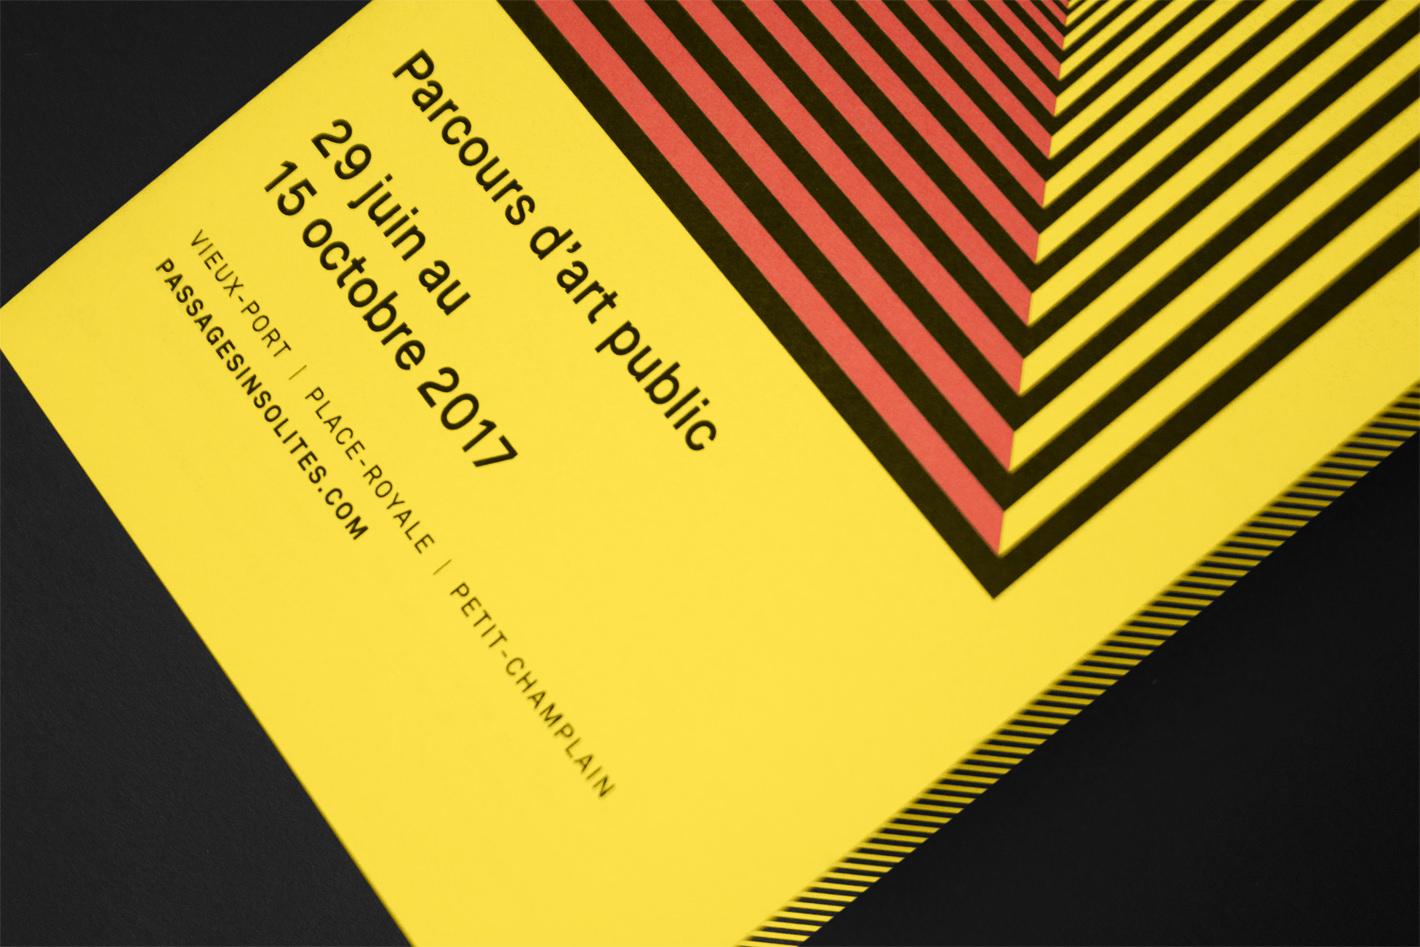 Figure-Jeremy-Hall-Design-Graphique-Exmuro-Depliant-Brochure-Passages-Insolites-Quebec-5.jpg